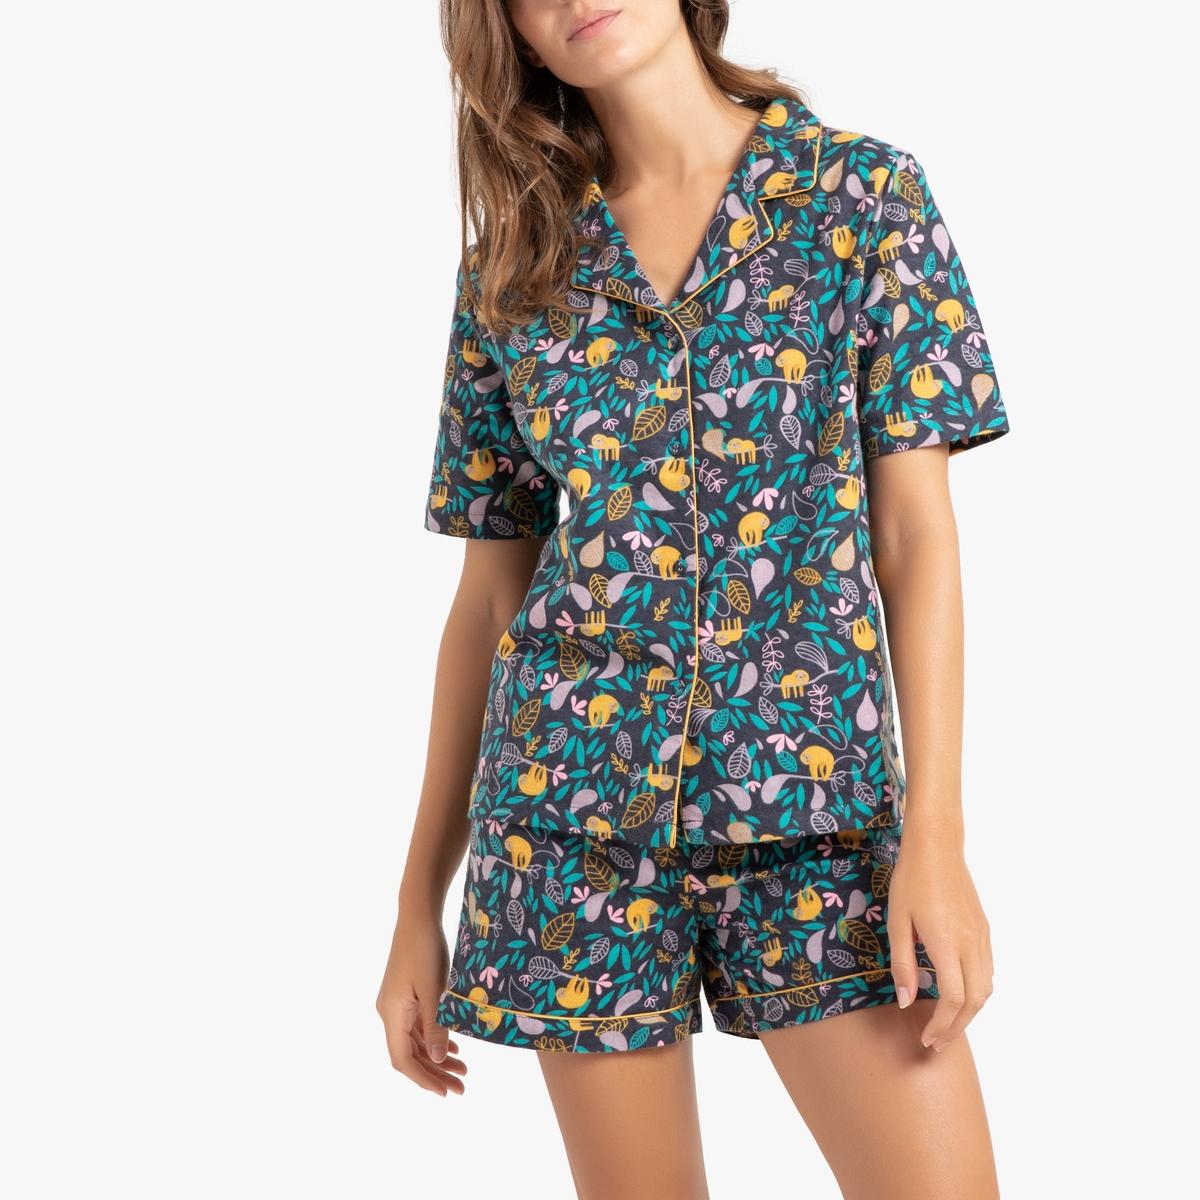 Pijama con short estampado de felpa 100% algodón